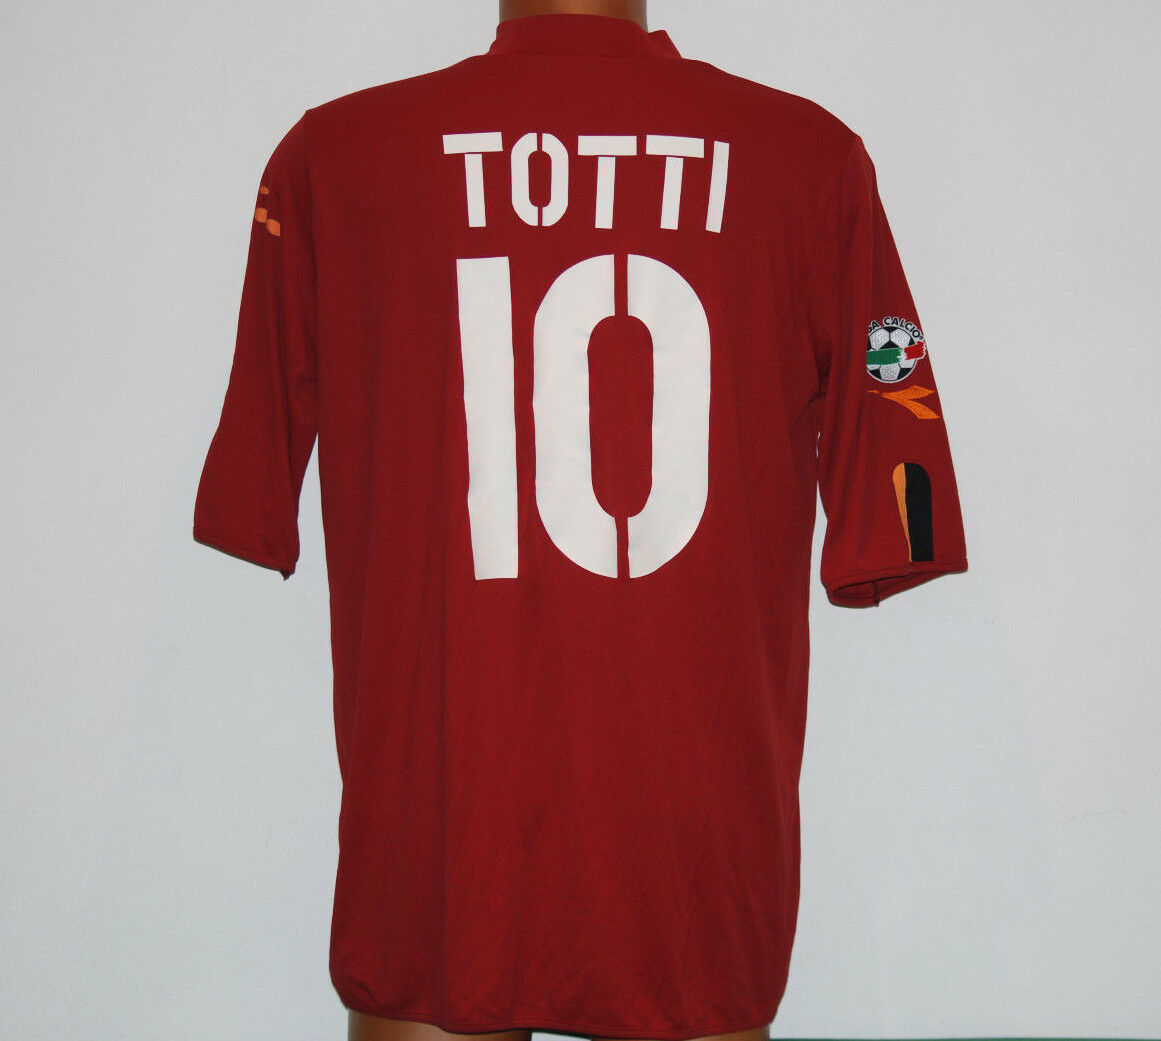 Maglia roma totti 2003 2004 diadora mazda Home Jersey shirt XL Lega Calcio